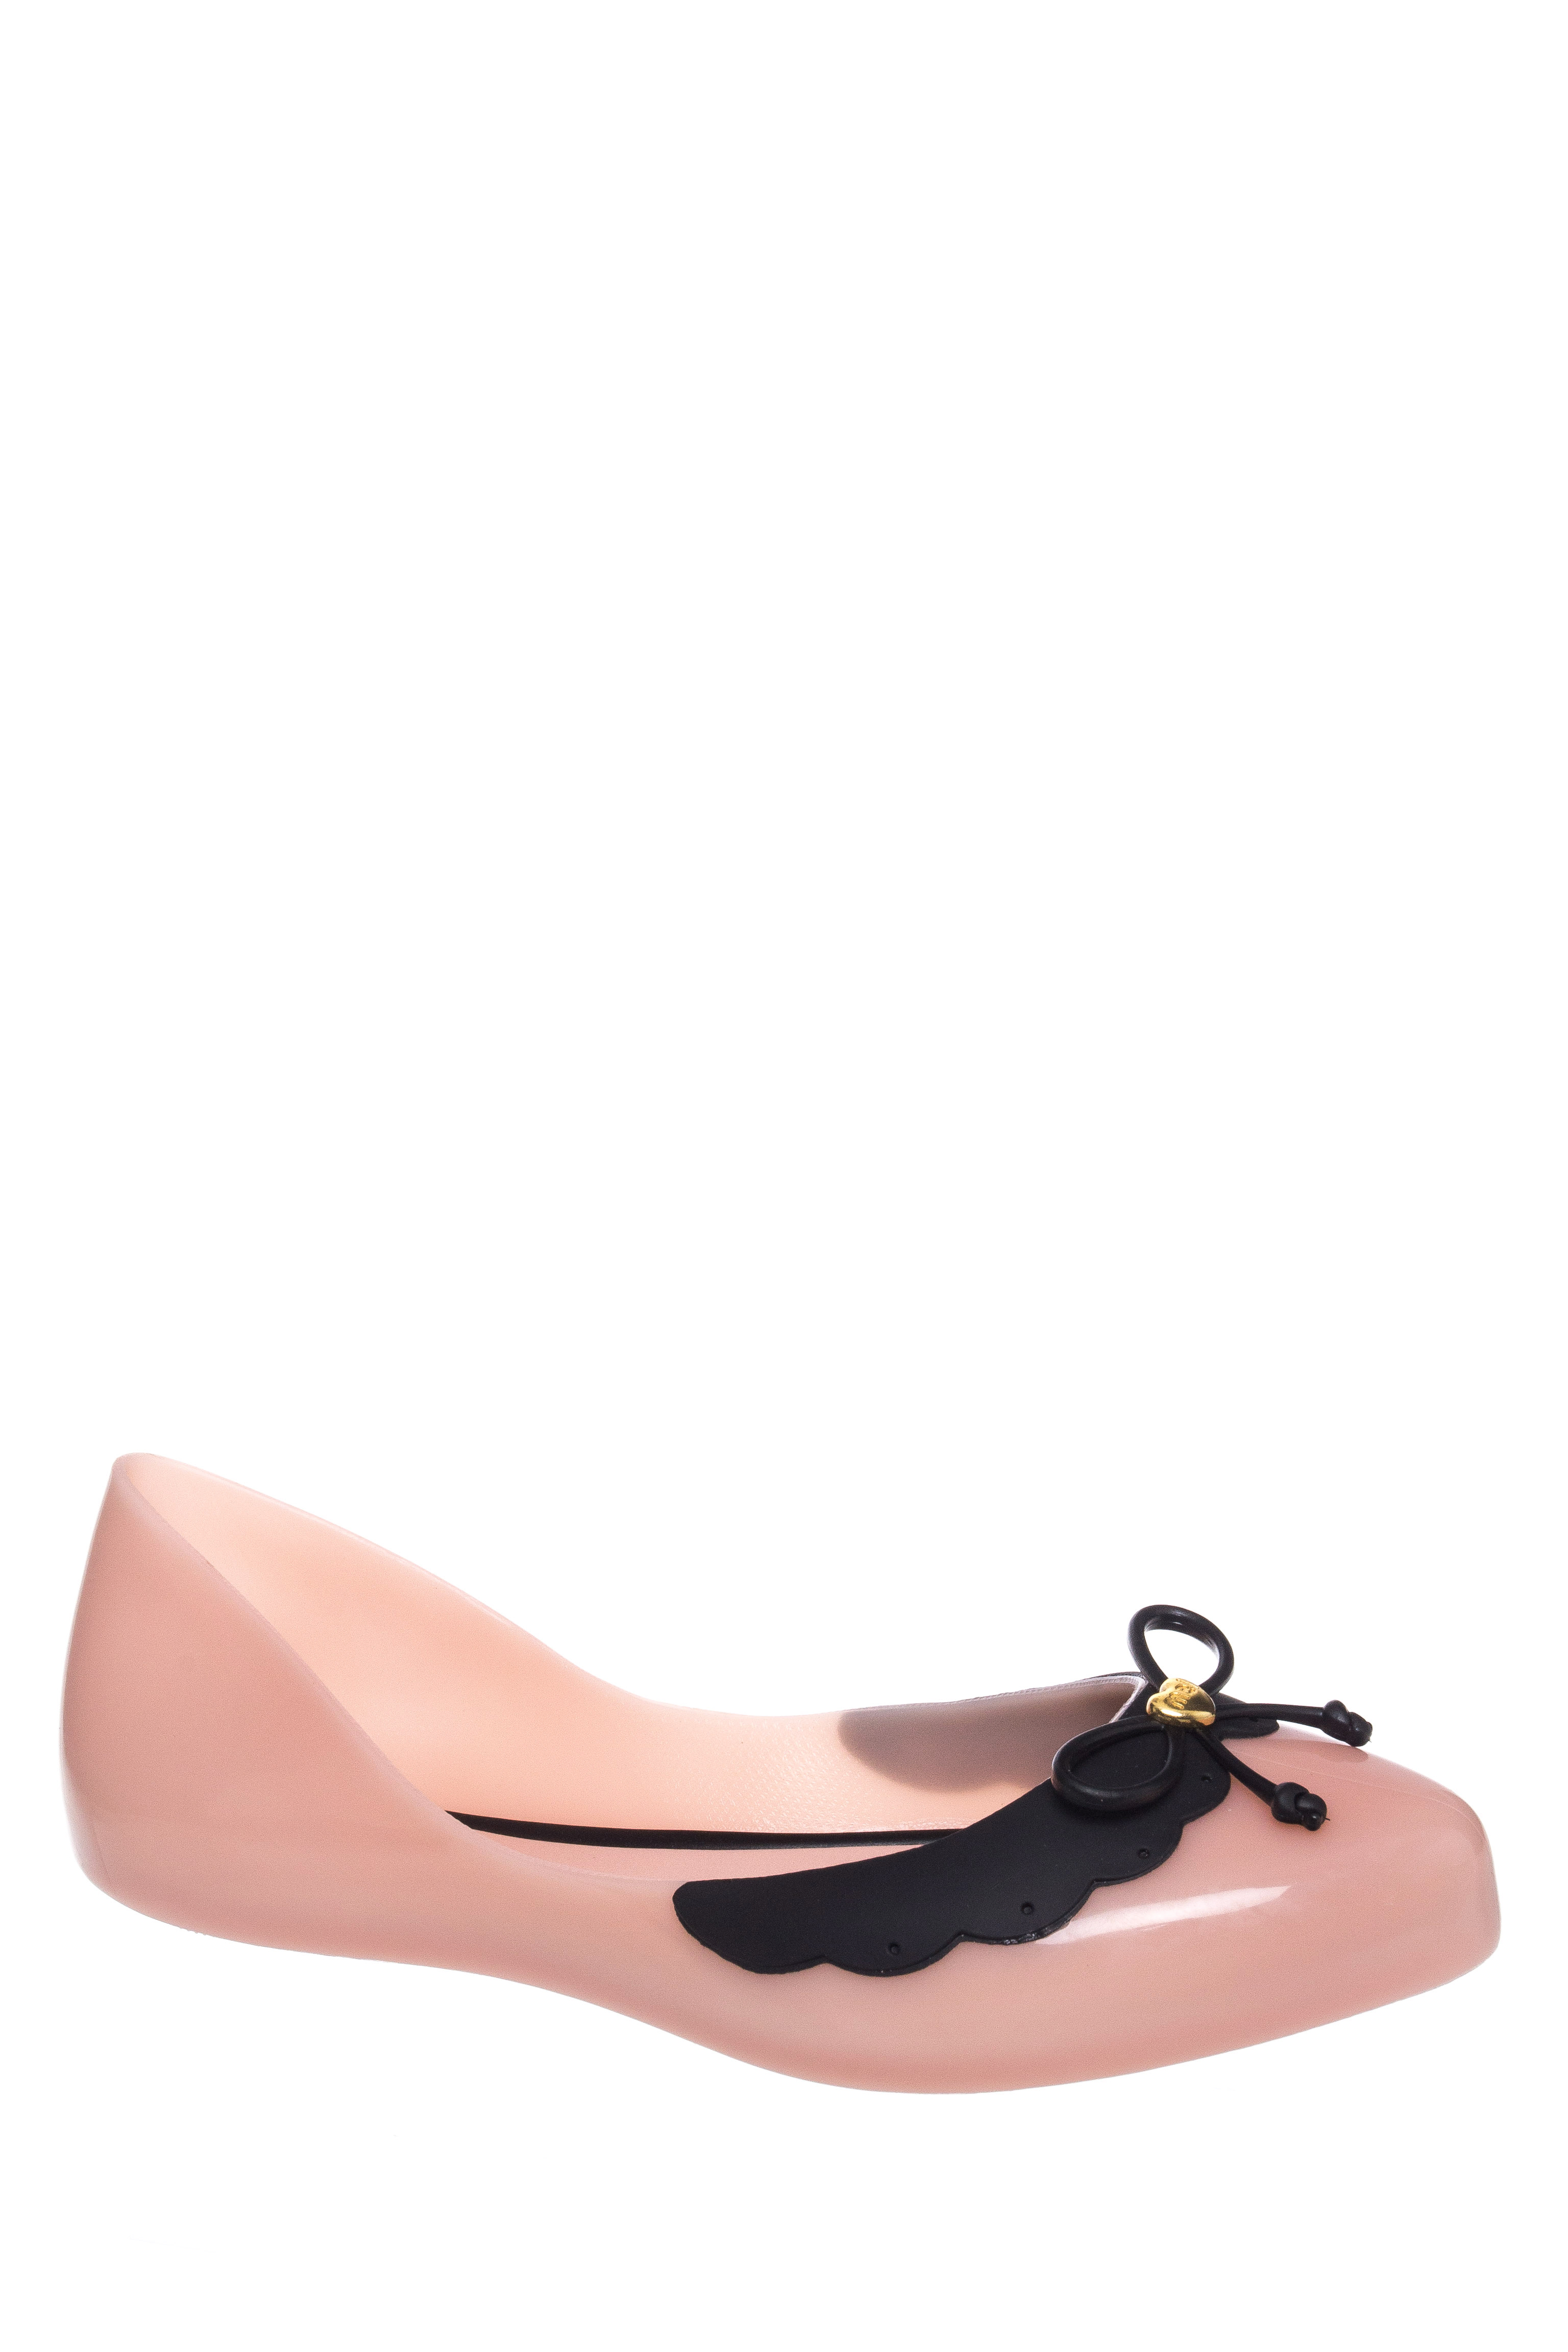 Dreaming Ballet Flat $34.99 AT vintagedancer.com